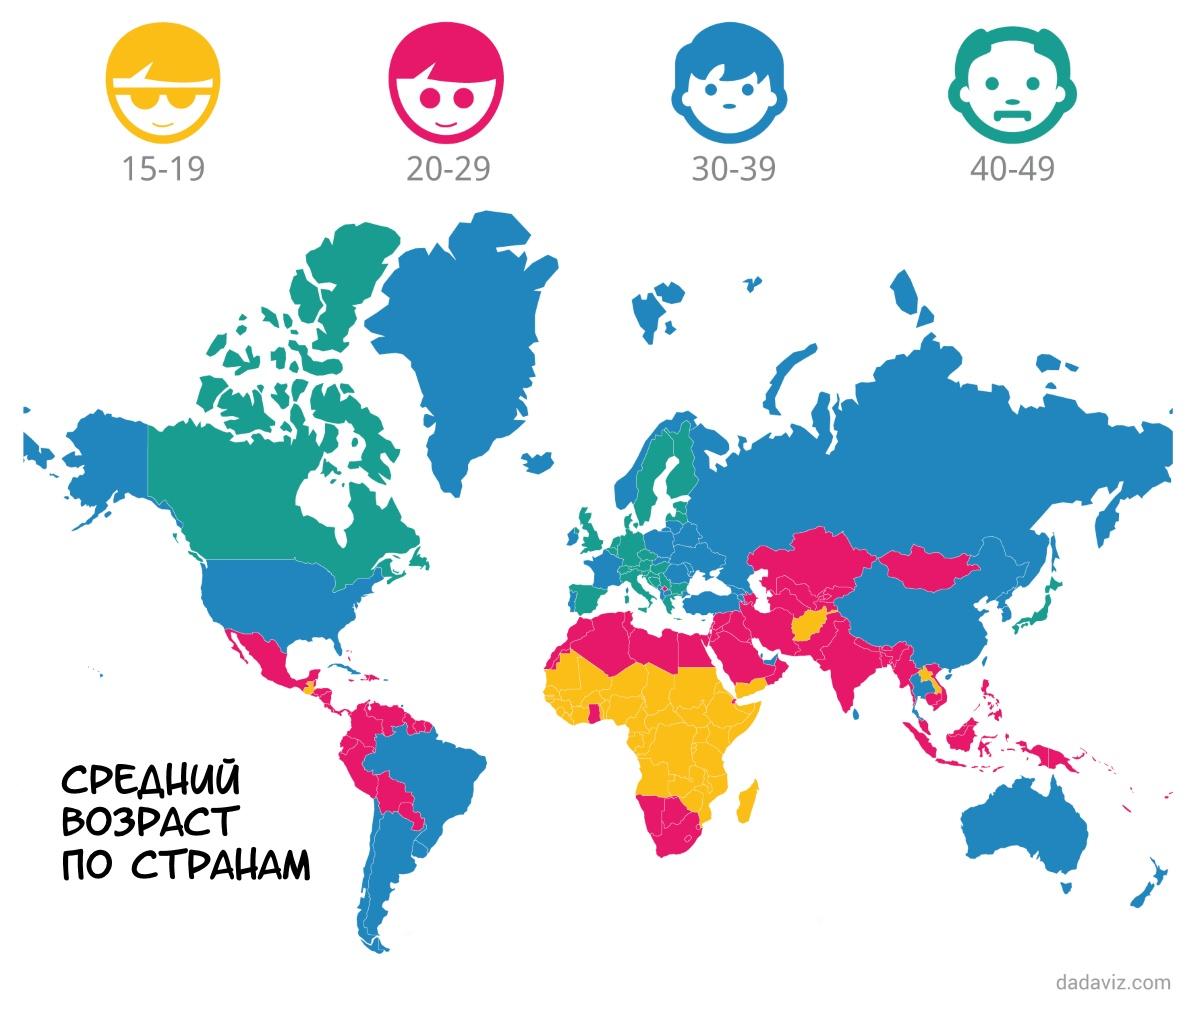 Будущее российской науки, столкновение США с Евросоюзом и переименование Астаны